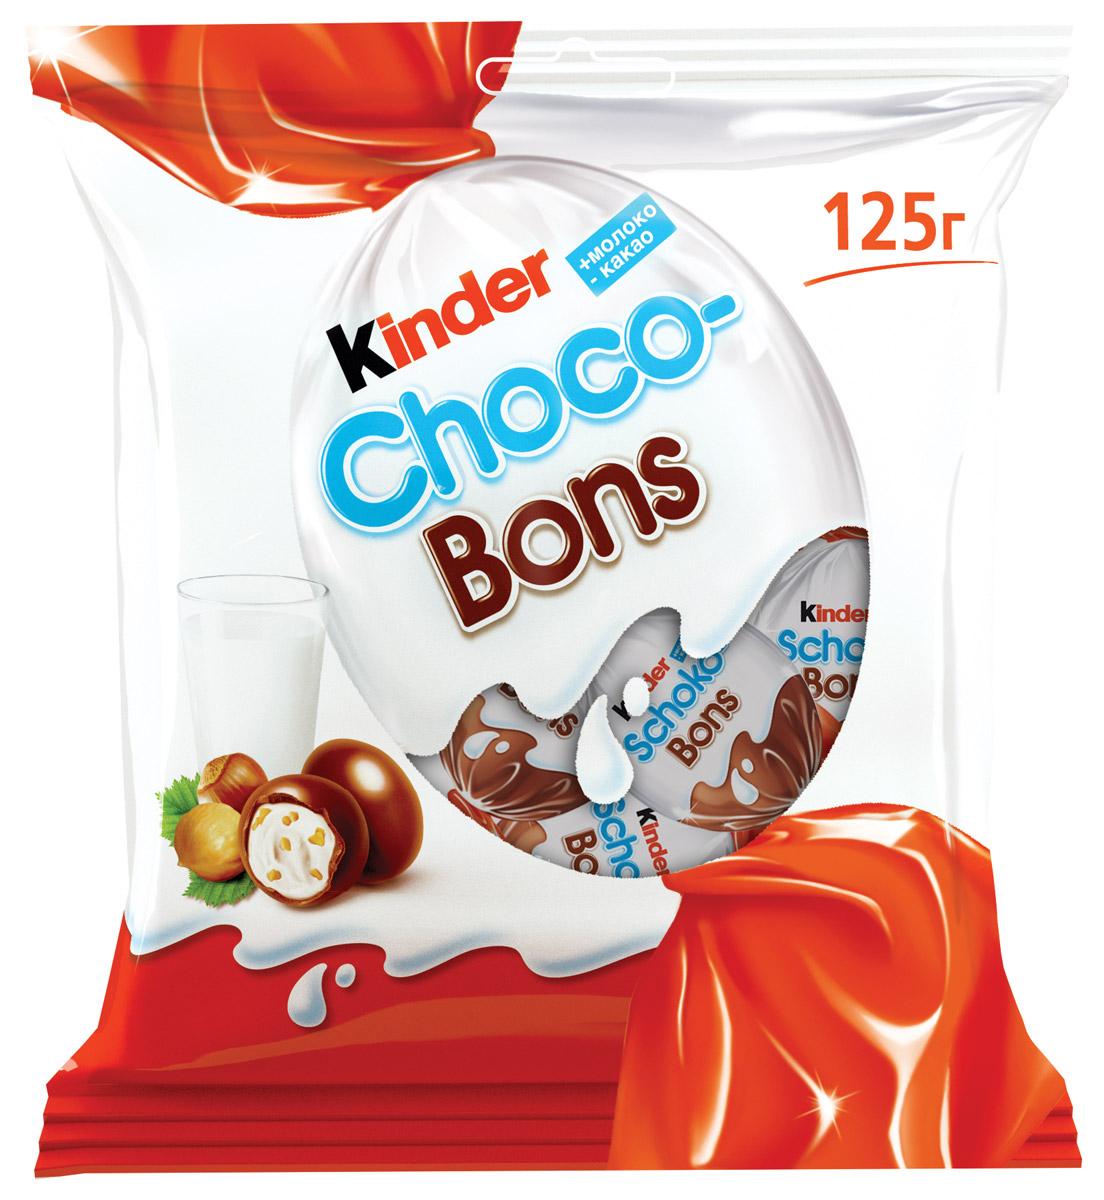 Kinder Choco Bons конфеты из молочного шоколада с молочно-ореховой начинкой, 125 г5060295130016Нежная молочная начинка, кусочки лесных орехов и неповторимый вкус шоколада. Kinder Choco-Bons производится на одной из фабрик компании Ферреро в Бельгии, славящейся своими шоколадными традициями. Удобные пакетики разных размеров (46 г и 125 г) подойдут и для скромной, и для большой компании! Конфетки в индивидуальной упаковке удобно брать с собой. Дома, в школе, на прогулке – наслаждайтесь сами, радуйте друзей и близких каждый день!